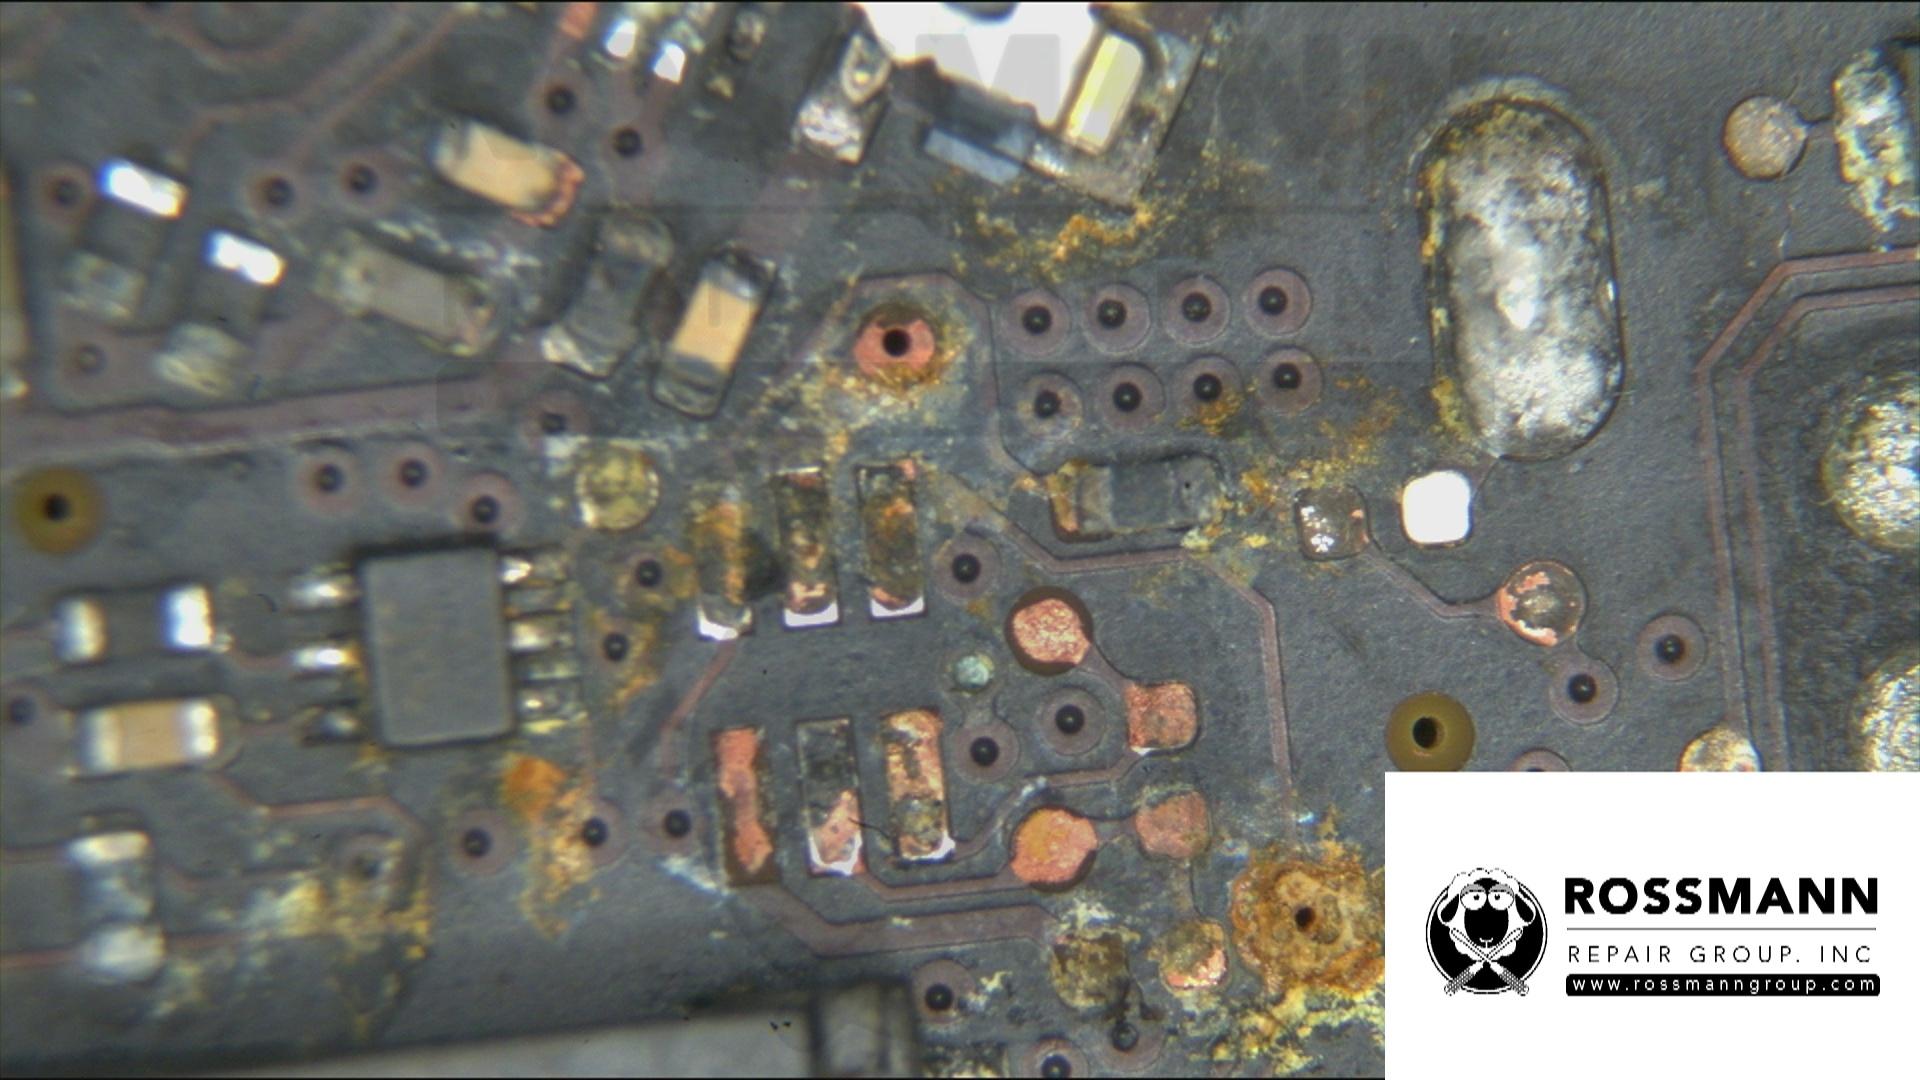 Water damaged Macbook logic board